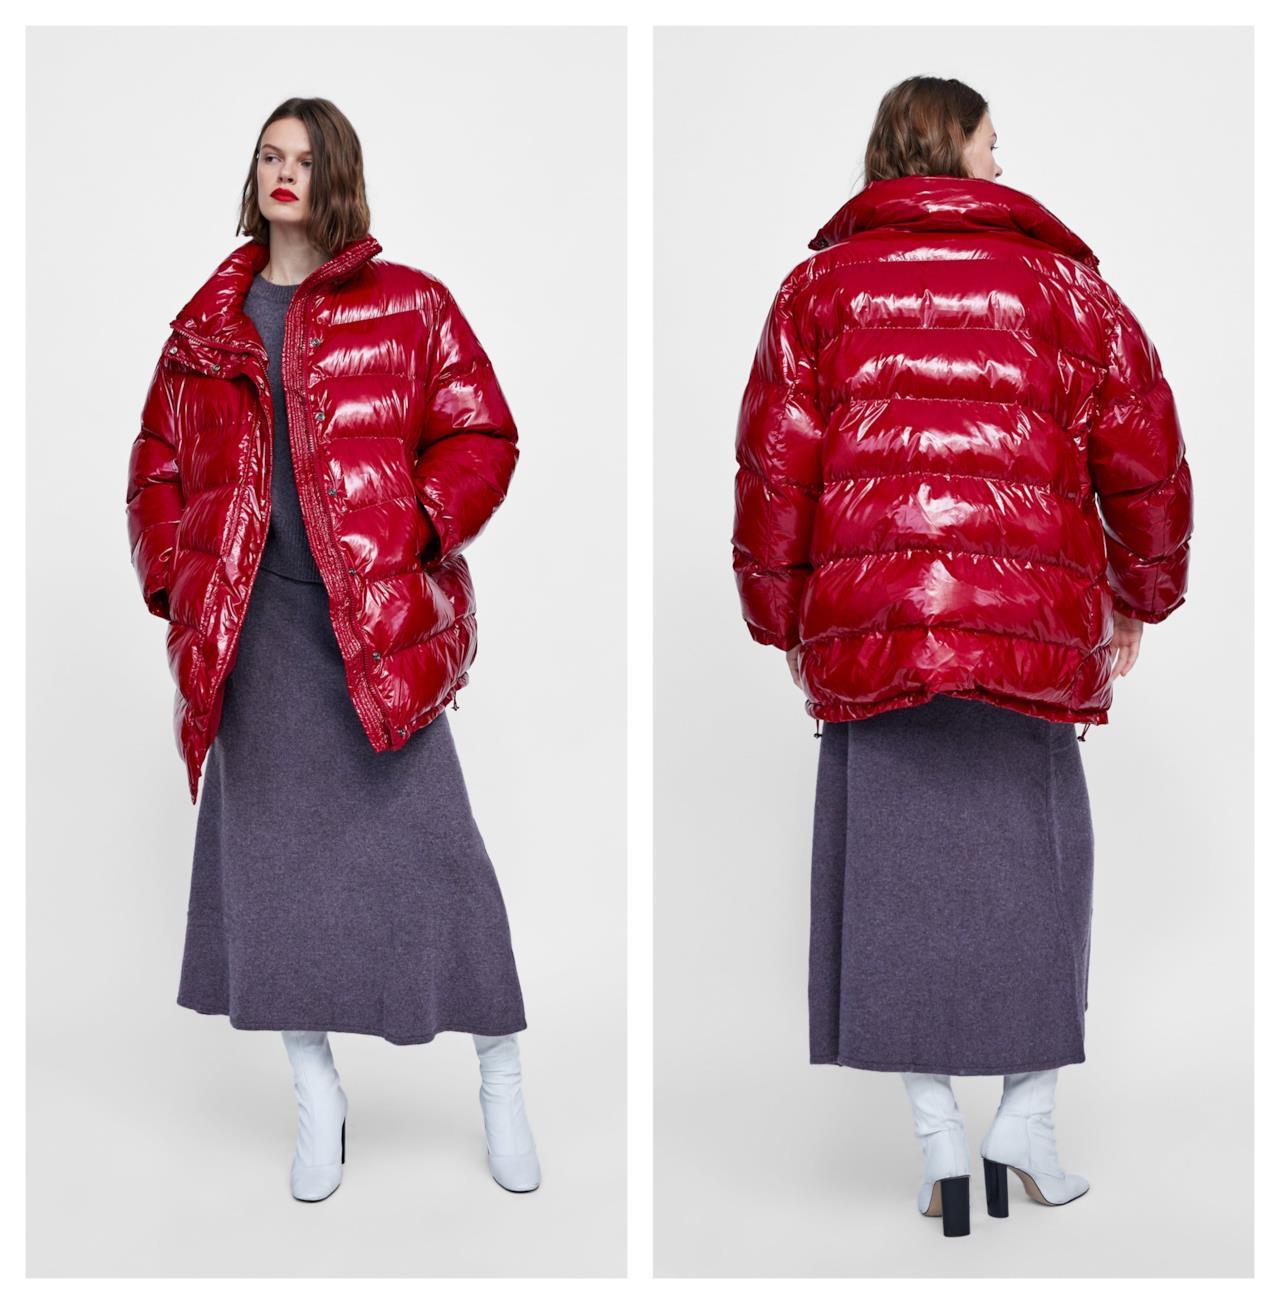 Collezione Outfit Della Zara Donna Block Gli Color Tutti HqOUxv